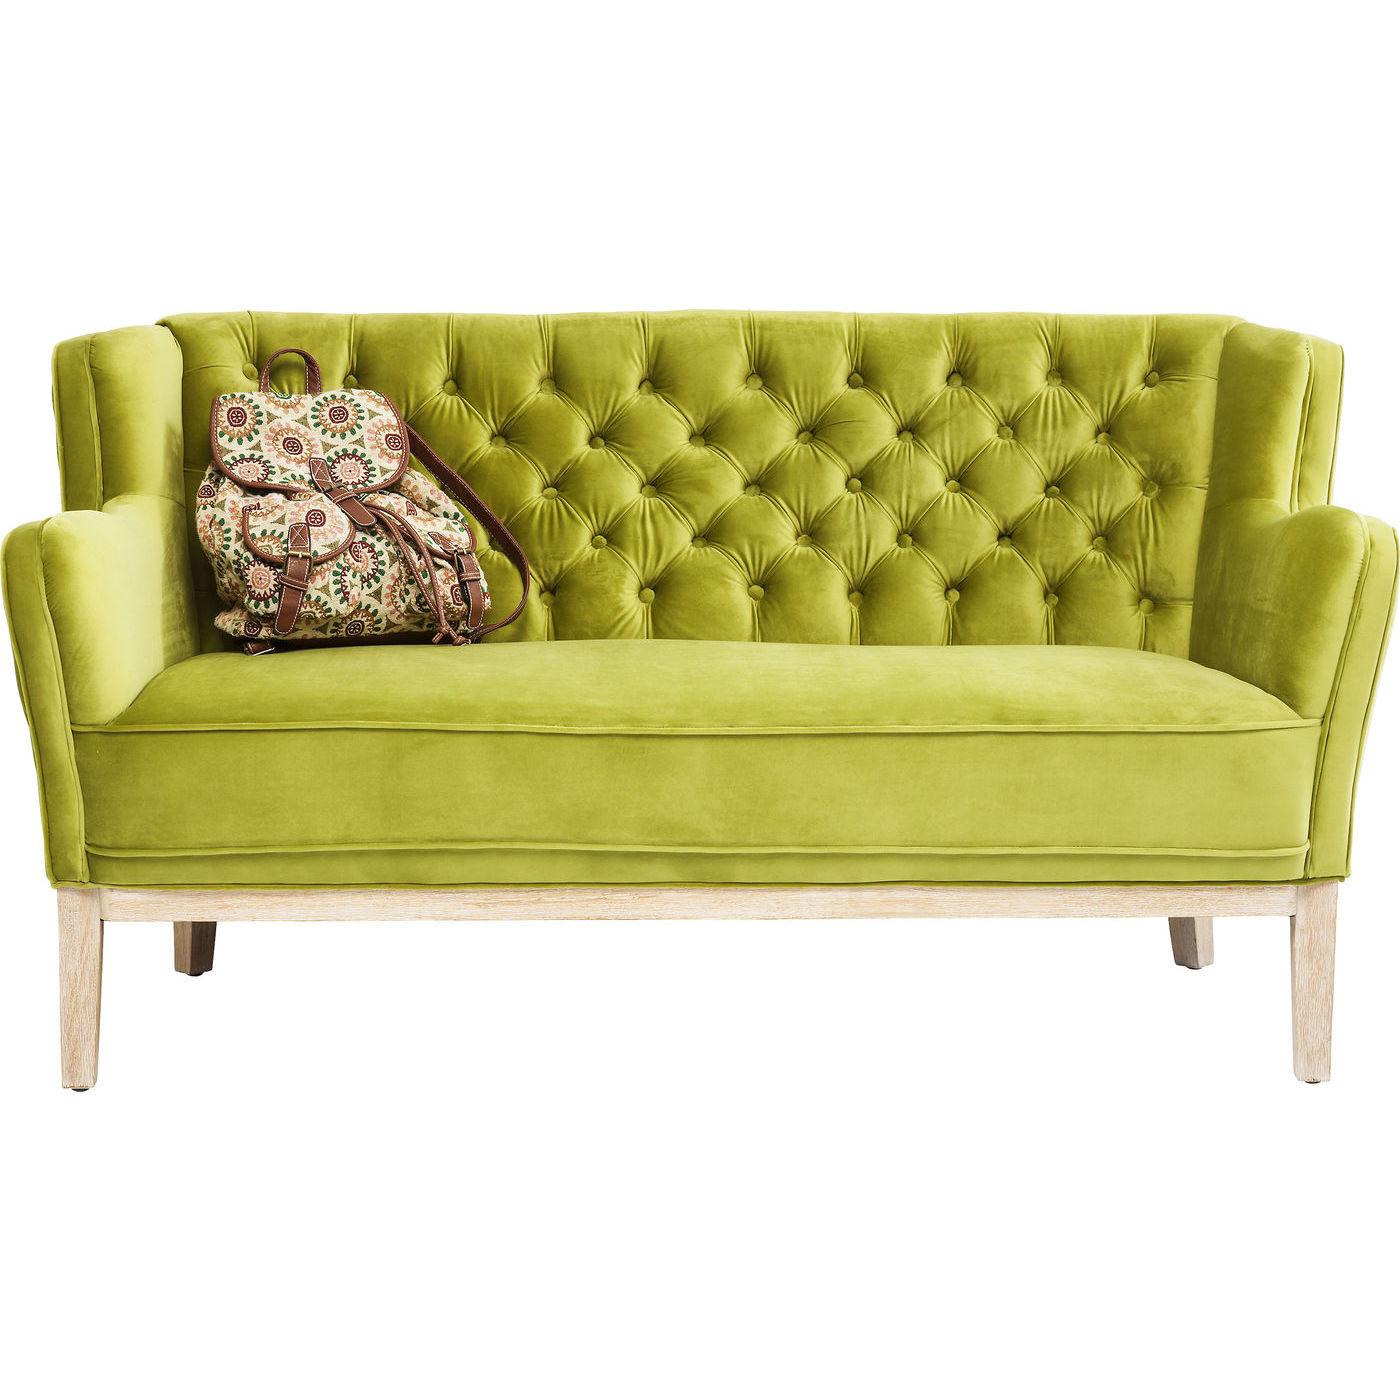 kare design Kare design sofa, coffee shop 2 pers. på boboonline.dk